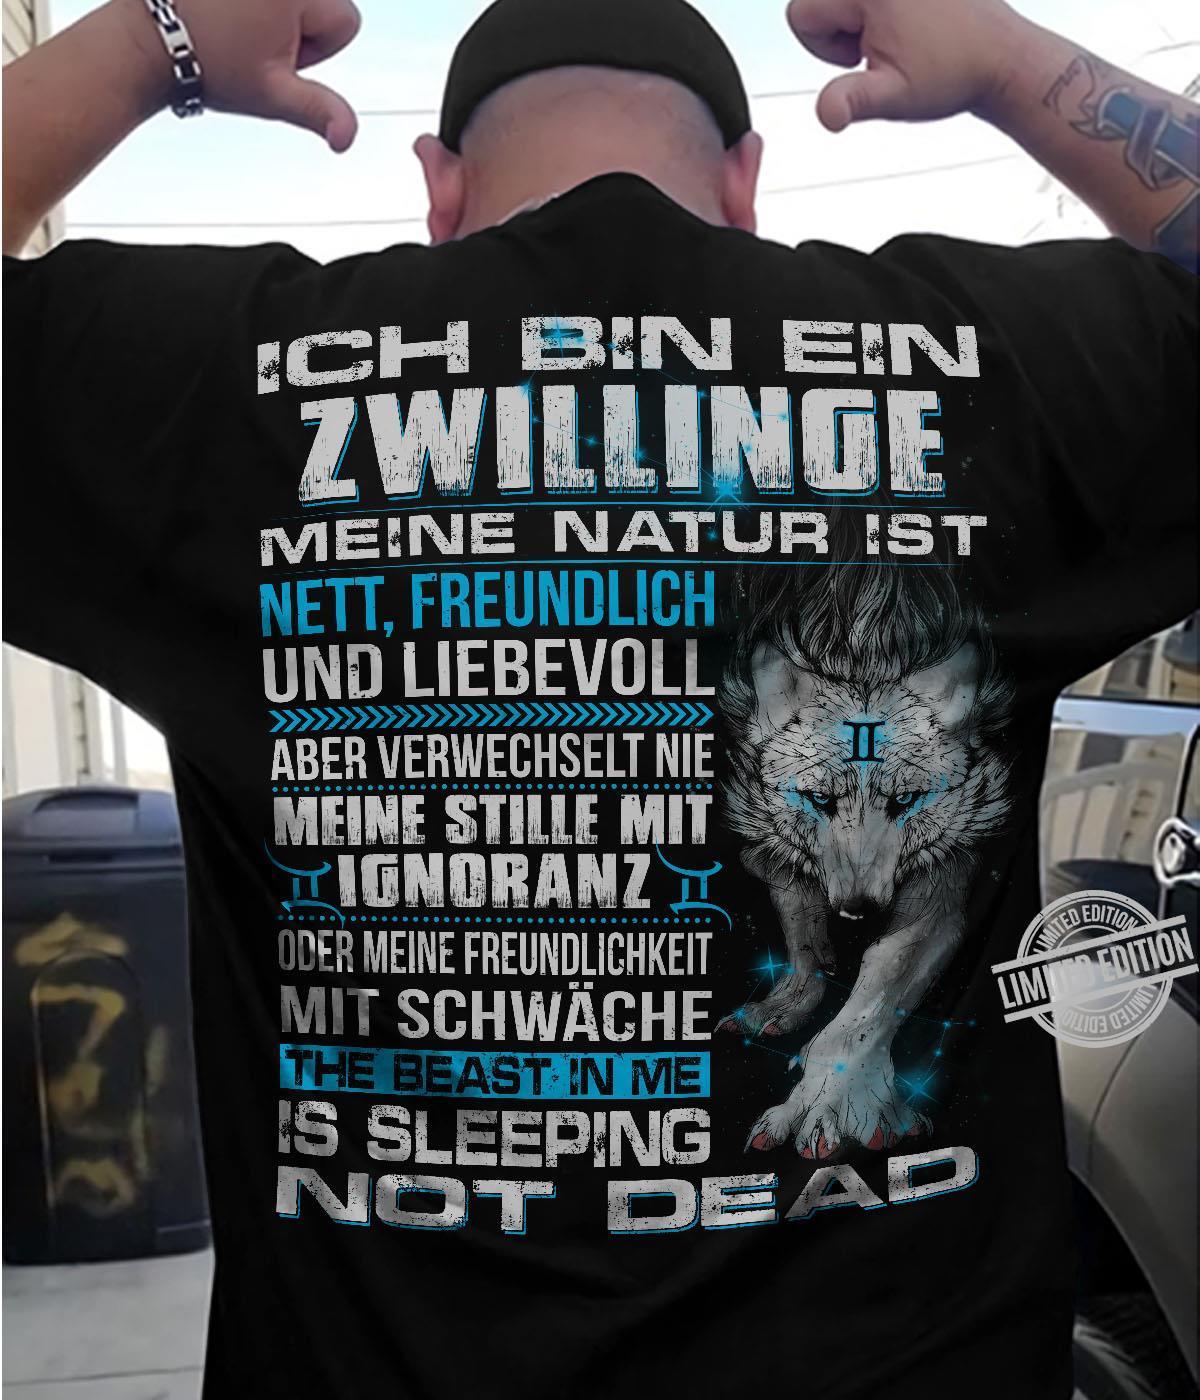 Ich Bin Ein Zwillinge Meine Natur Ist The Beast In Me Is Sleeping Not Dead Shirt